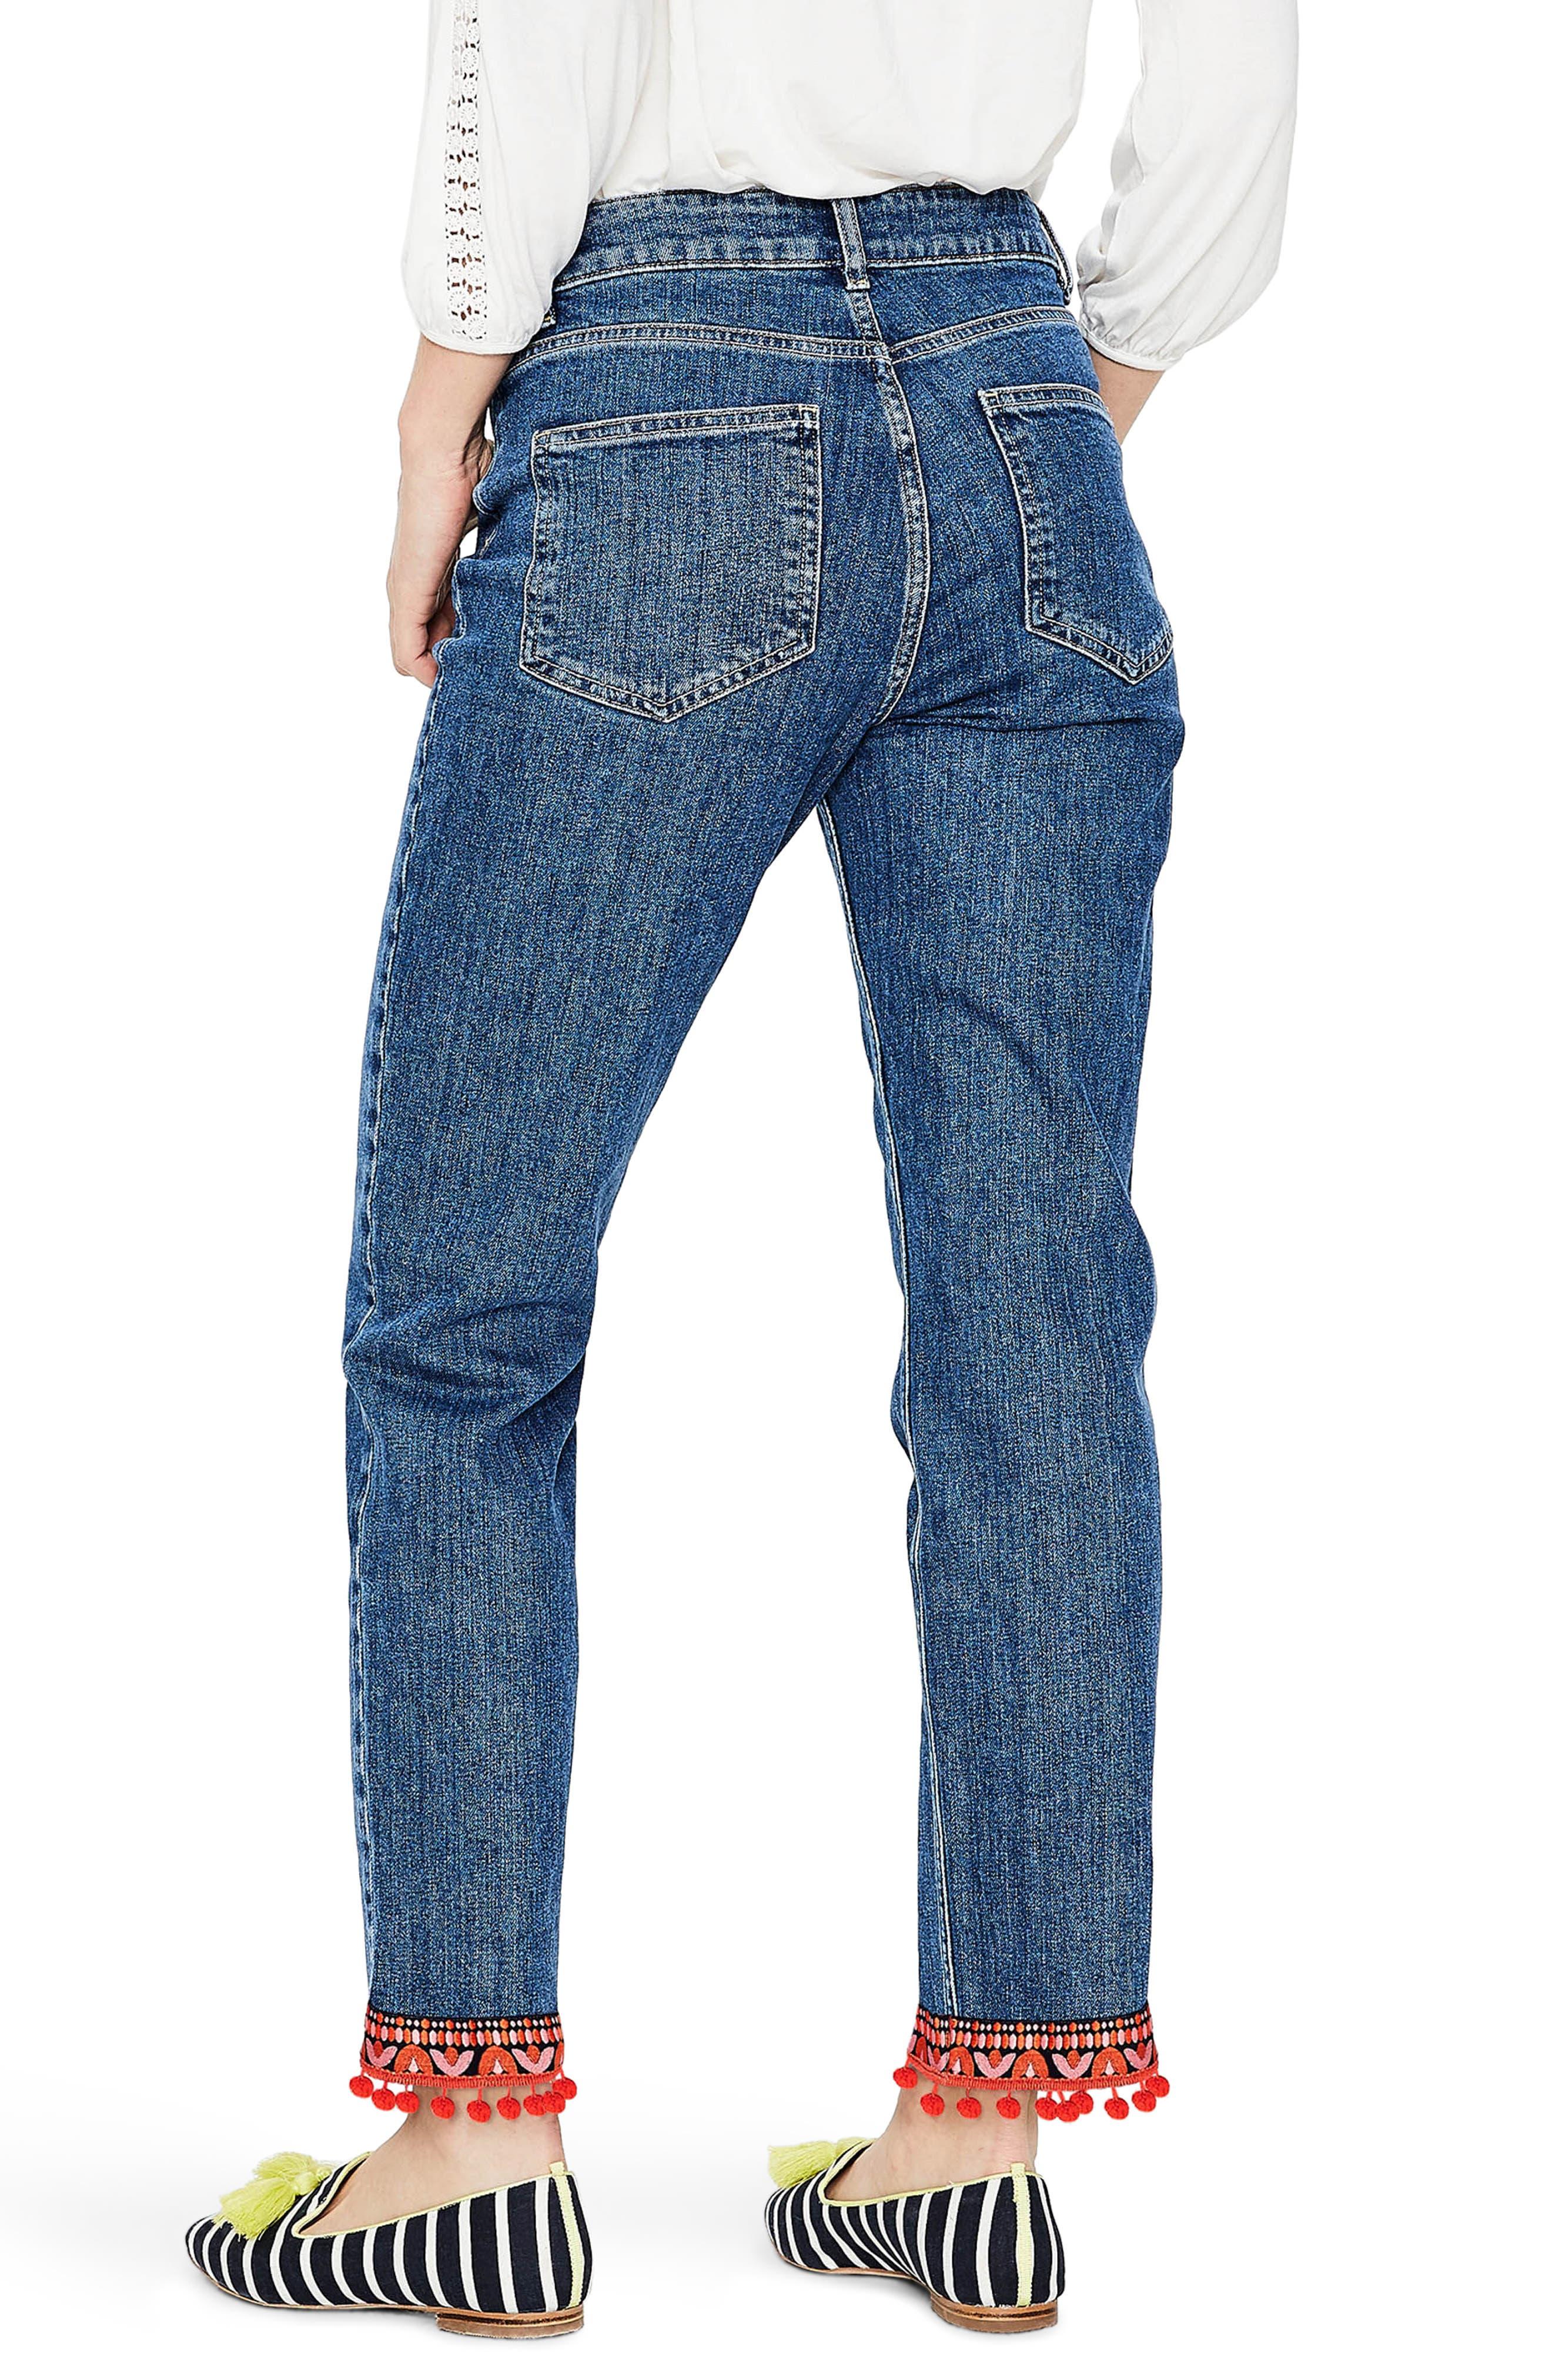 BODEN,                             Cambridge Embellished Ankle Skimmer Jeans,                             Alternate thumbnail 2, color,                             469